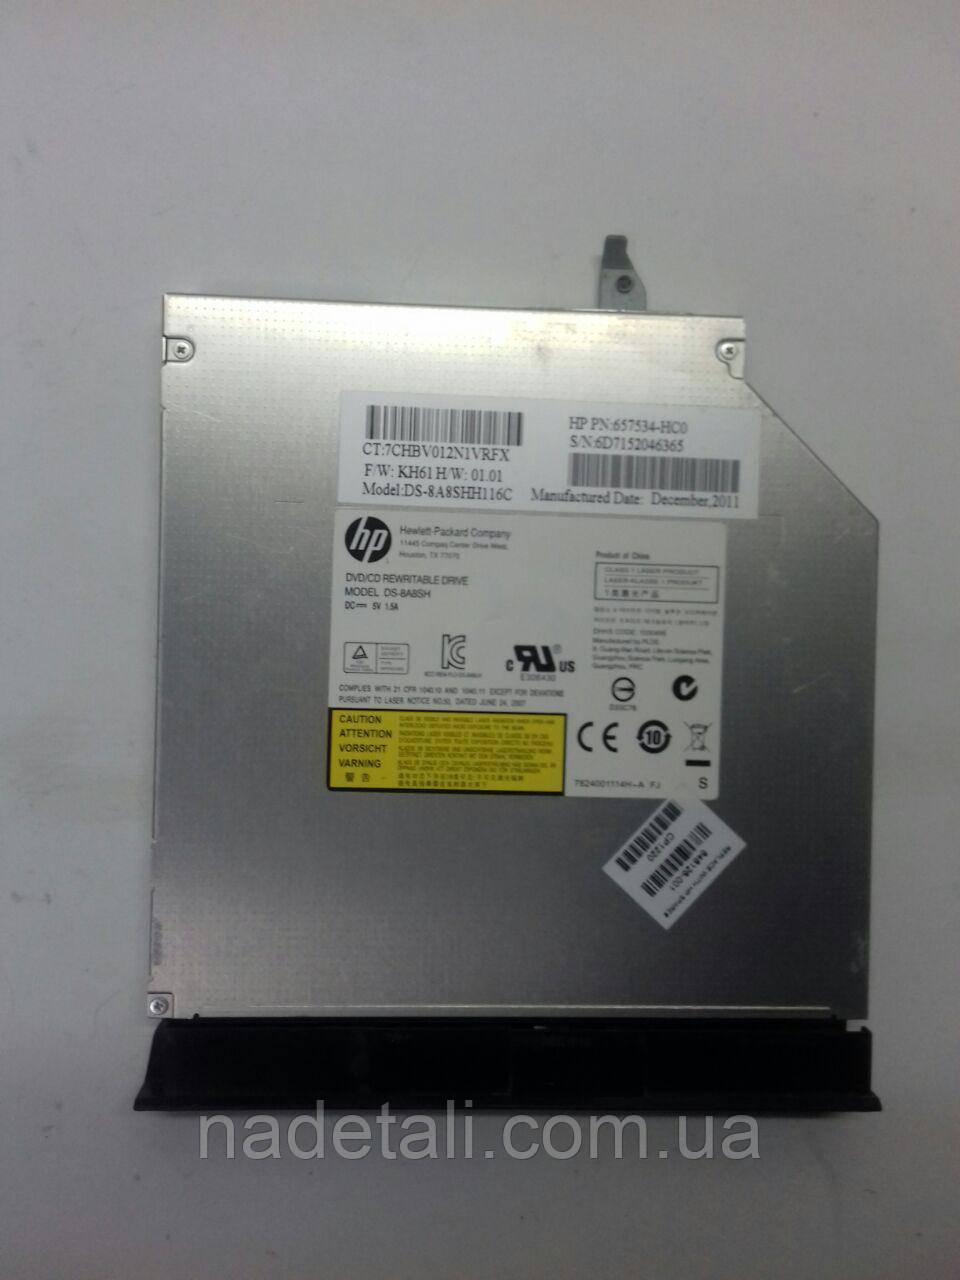 Привод DVD-RW HP DS-8A8SH SATA